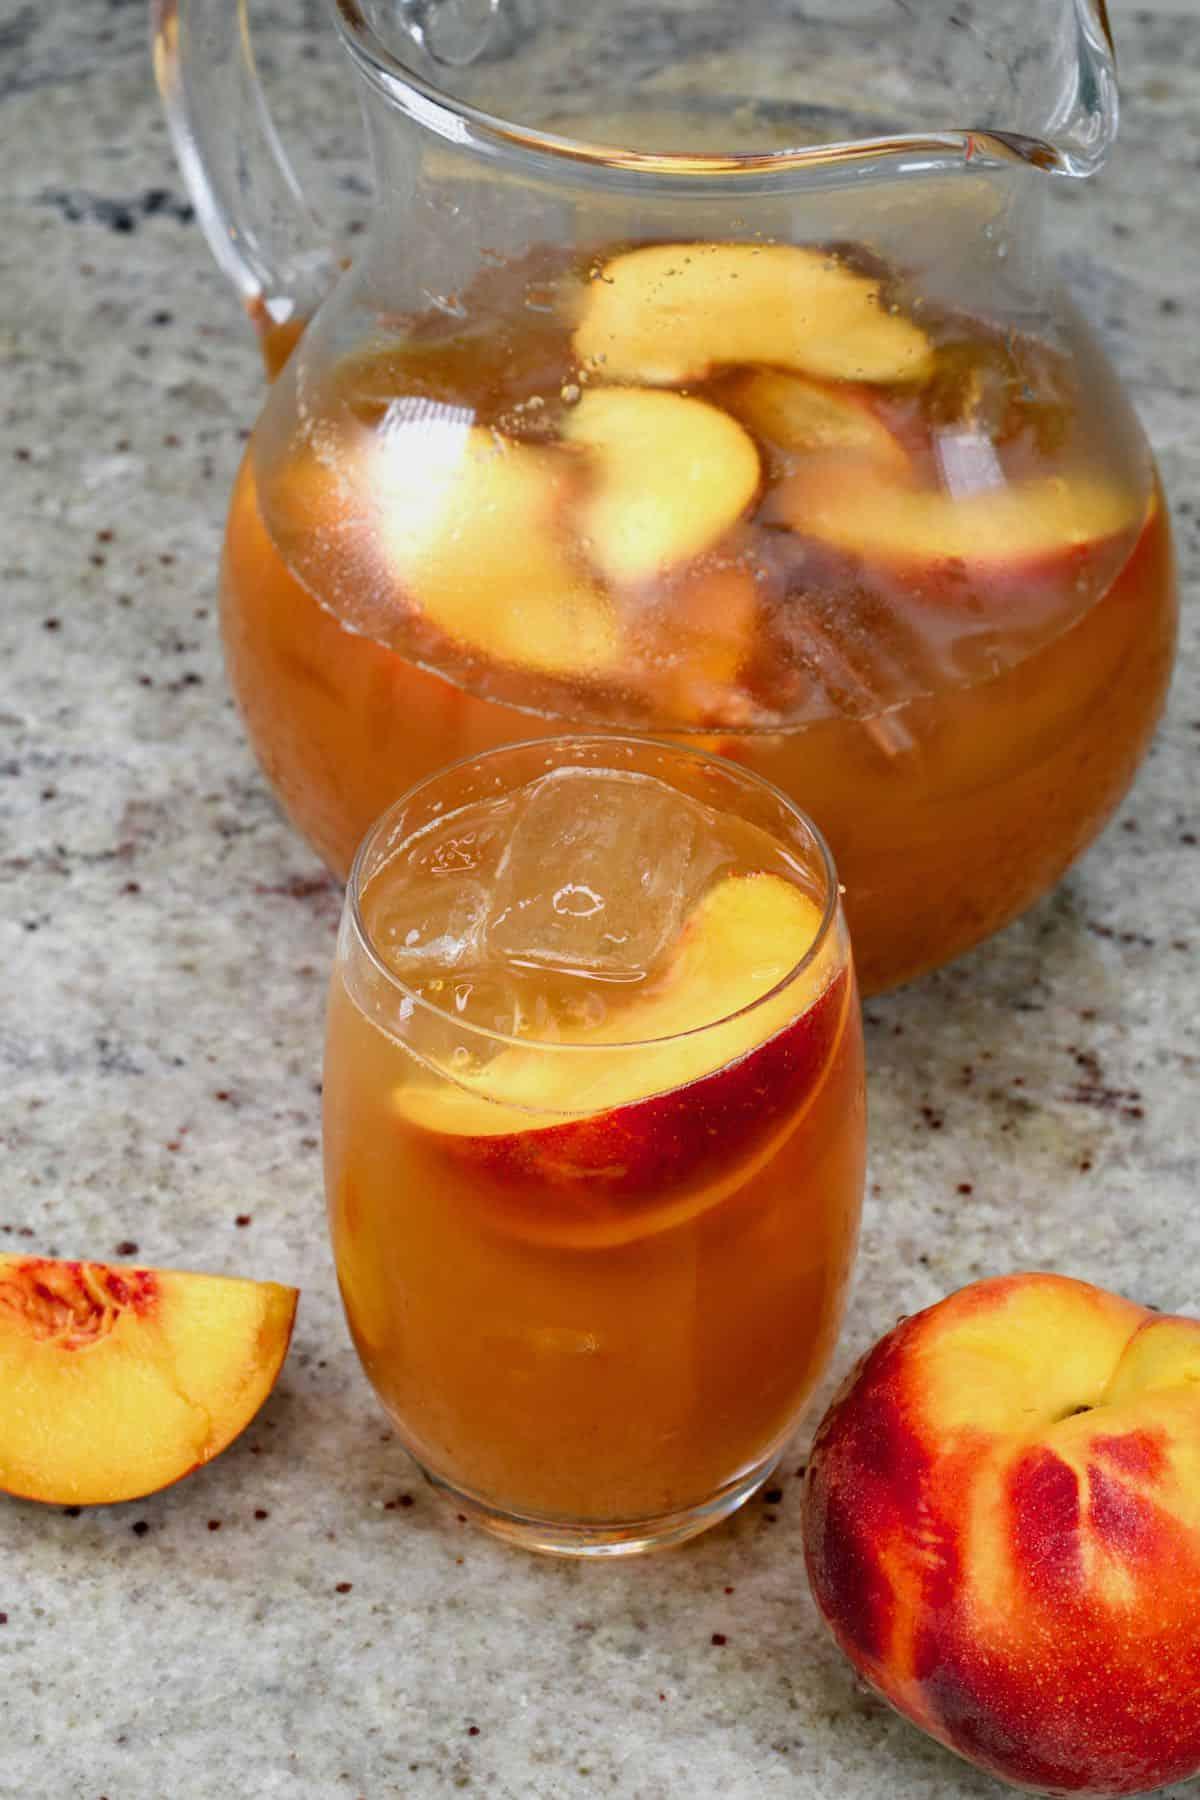 A glass with peach iced tea